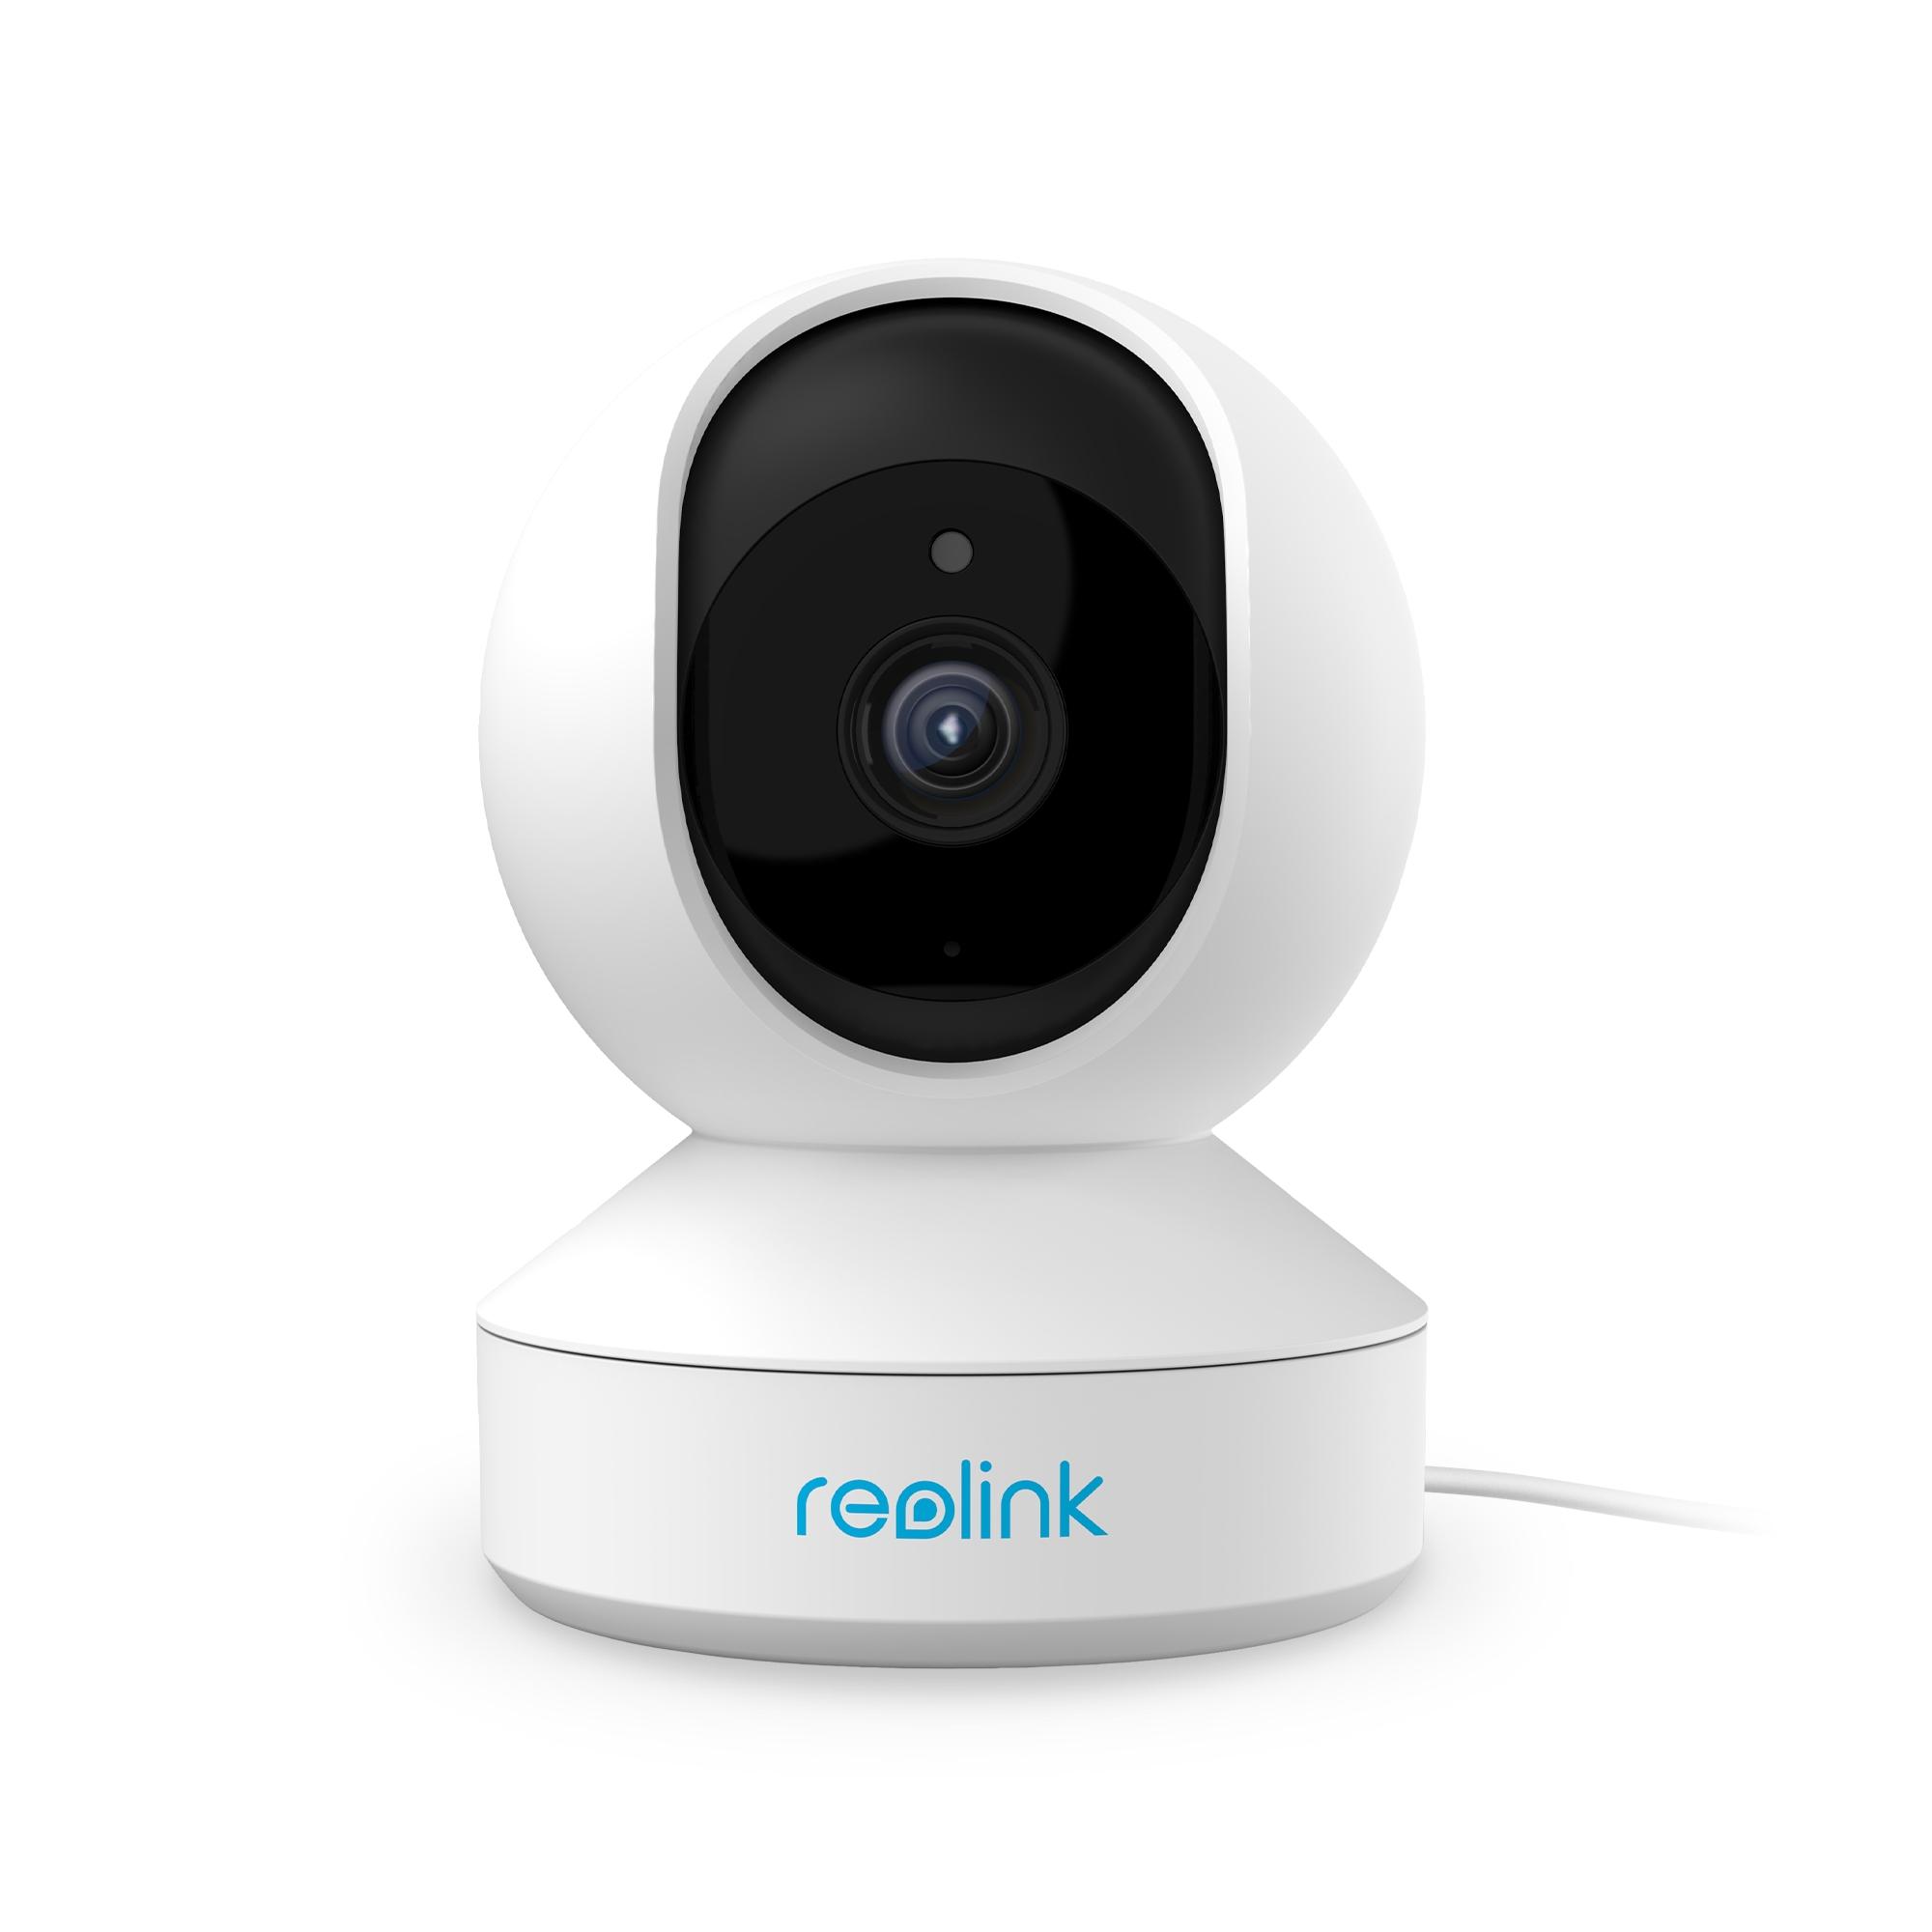 리오링크 가정용 무선 CCTV IP 카메라 실내용, Reolink E1 Pro